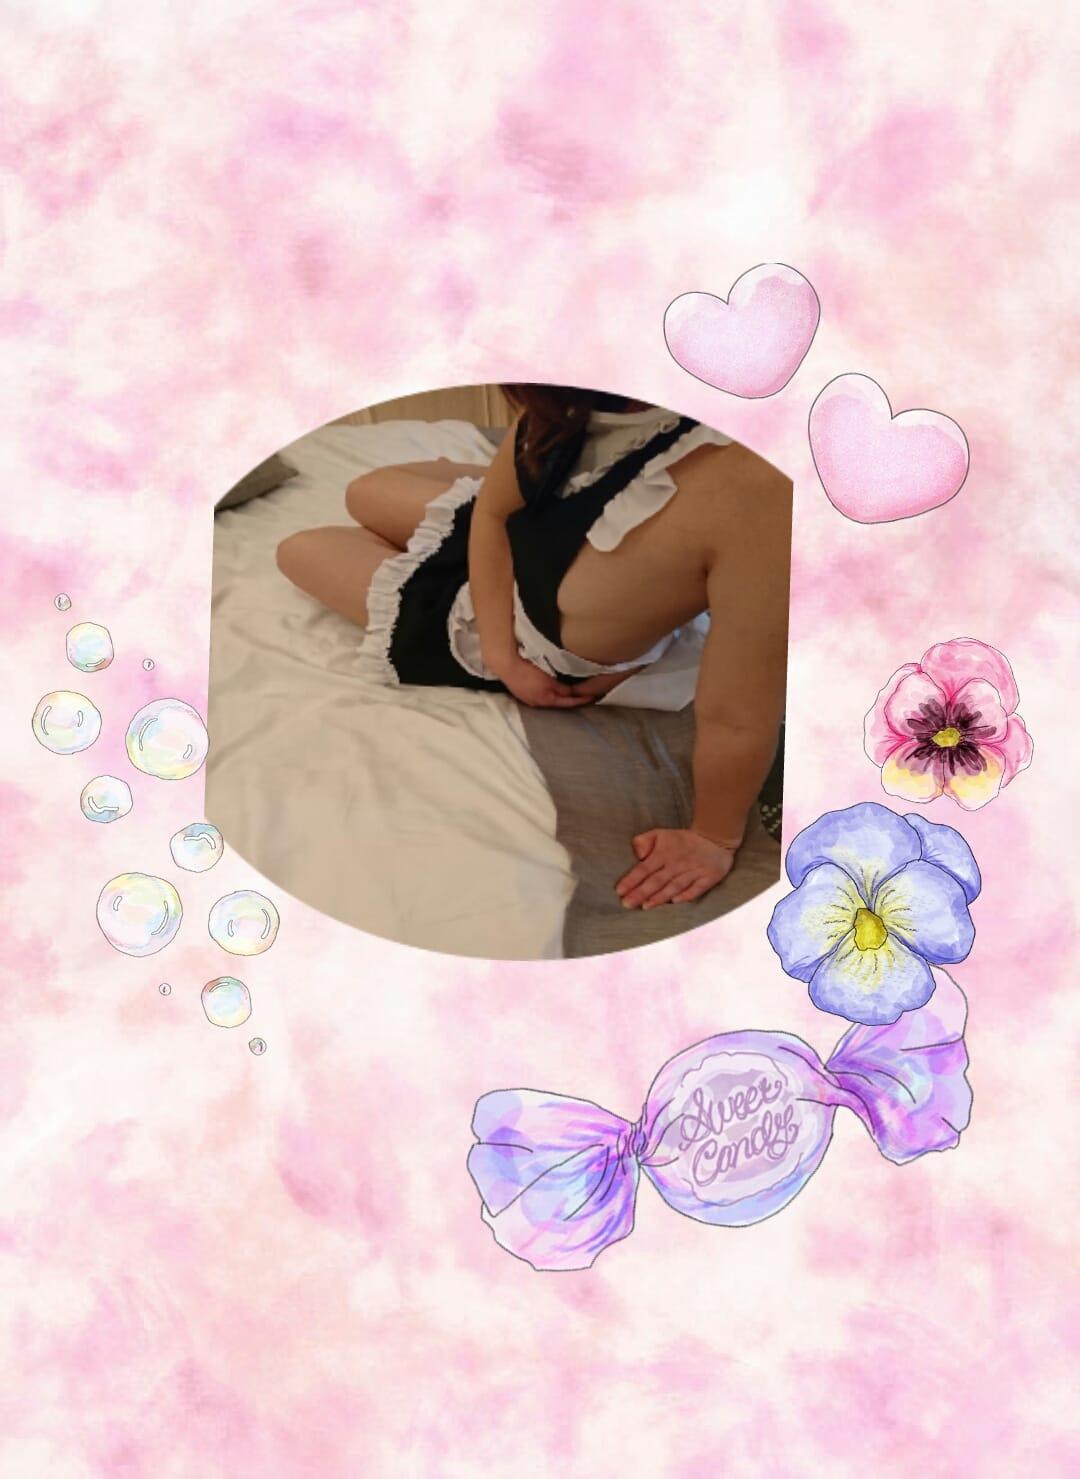 「暑いねー」04/22(日) 14:23 | えみりの写メ・風俗動画